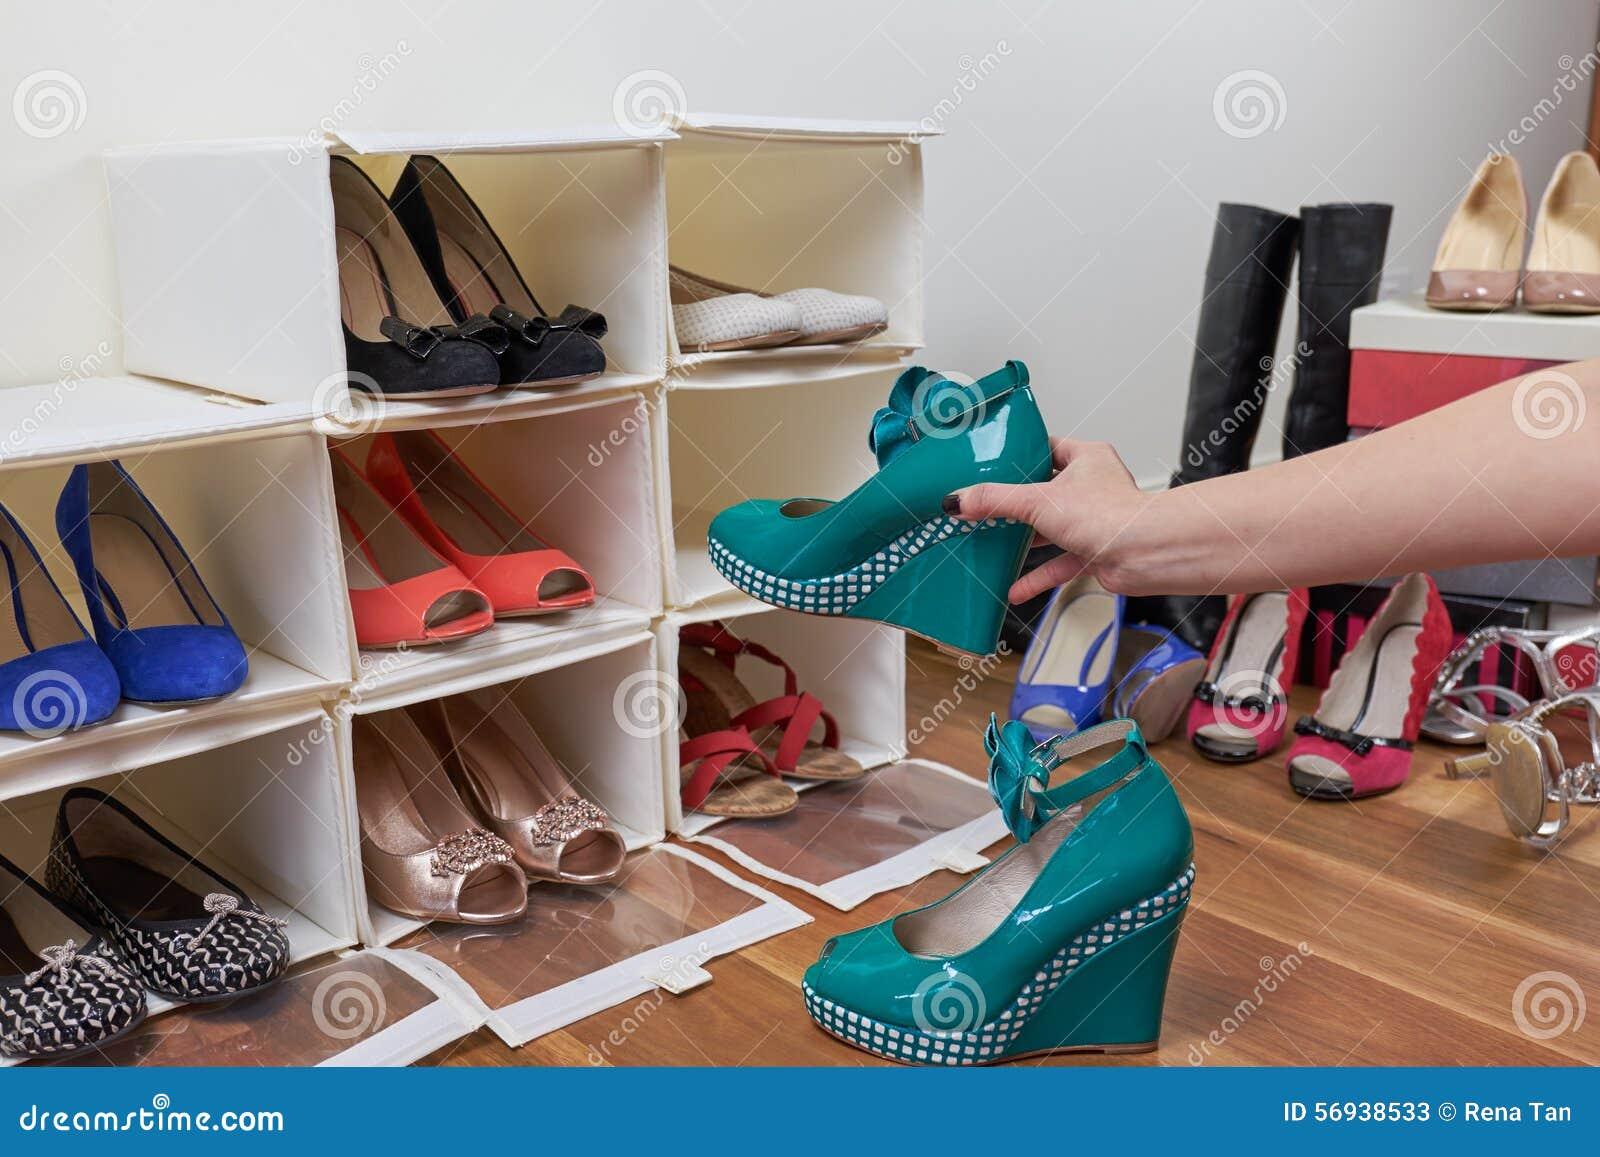 Organisierende Schuhe Stockbild Bild Von Personlich 56938533